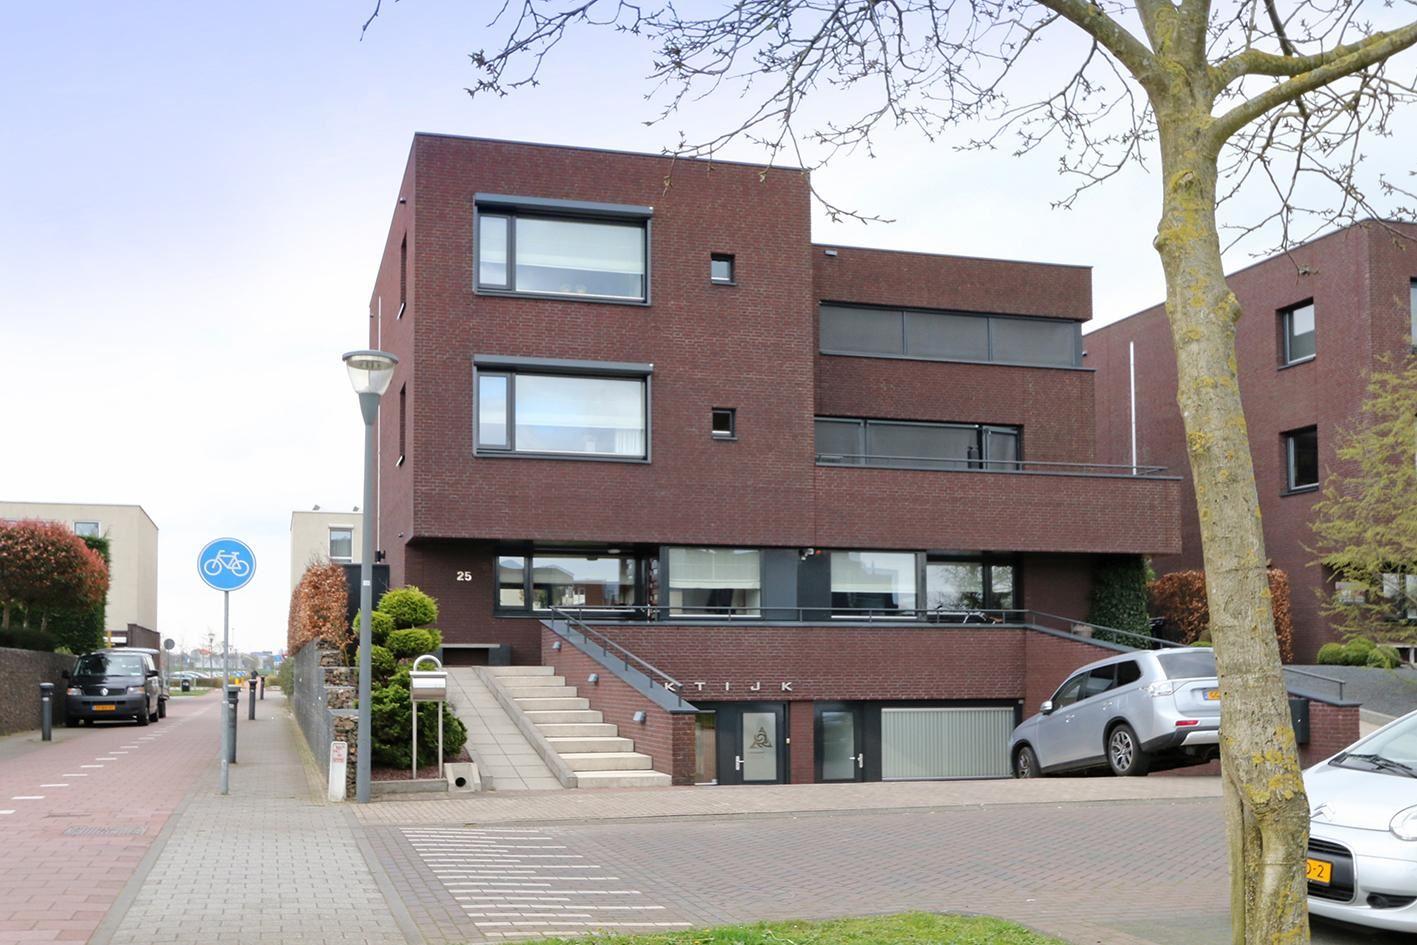 Sold villa waterviolier al waalwijk funda